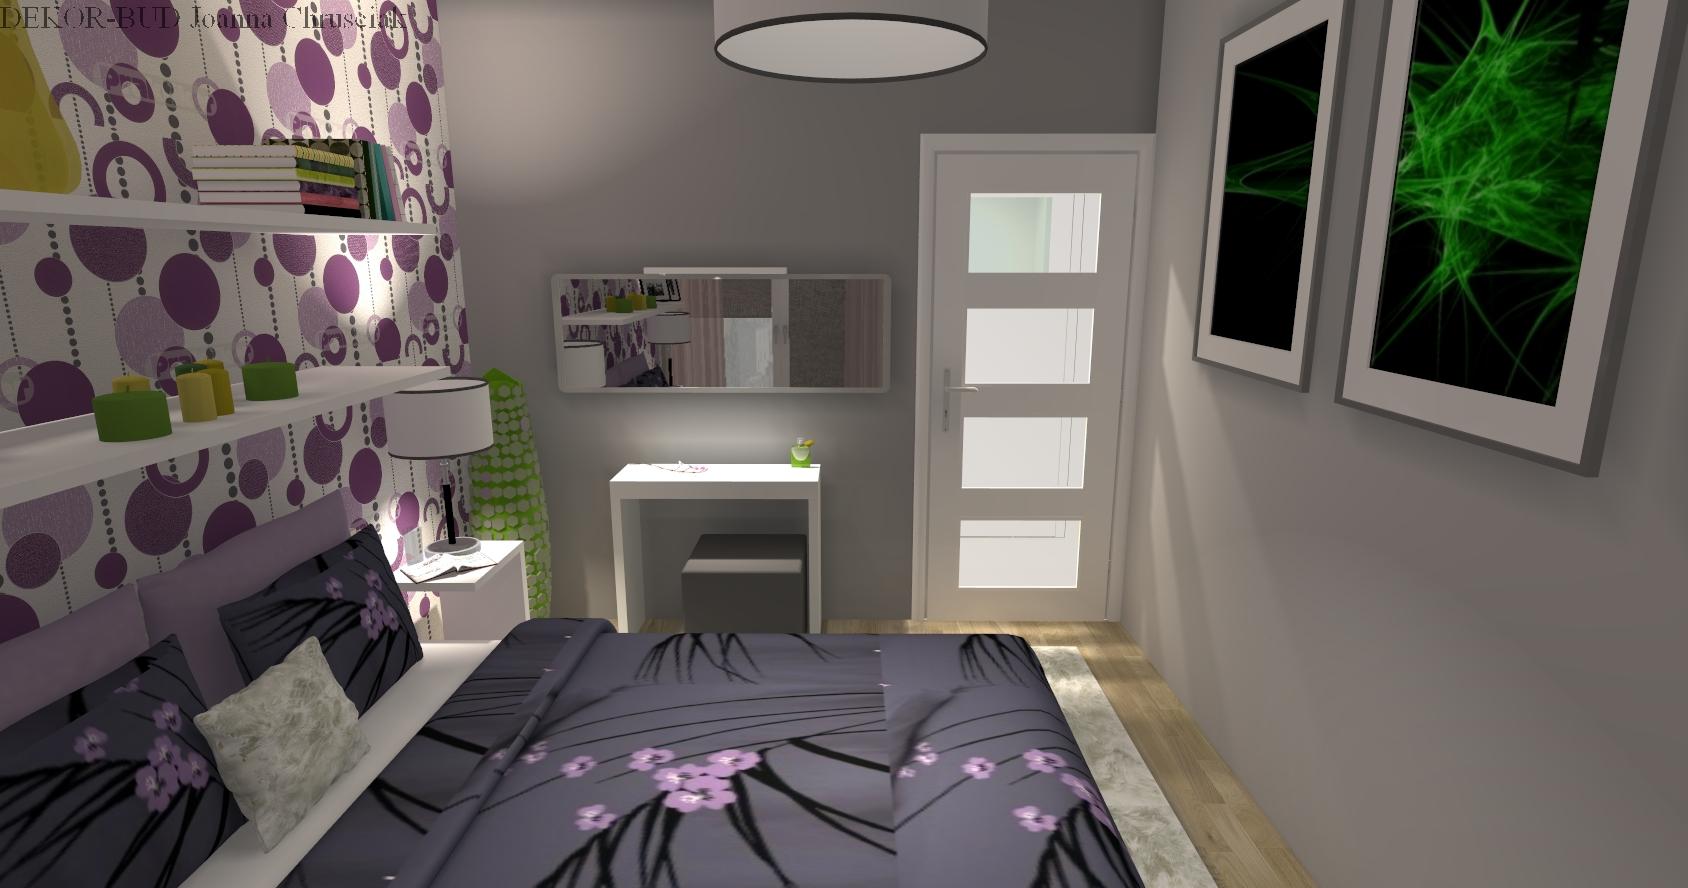 sypialnia z tapet� w fiolecie